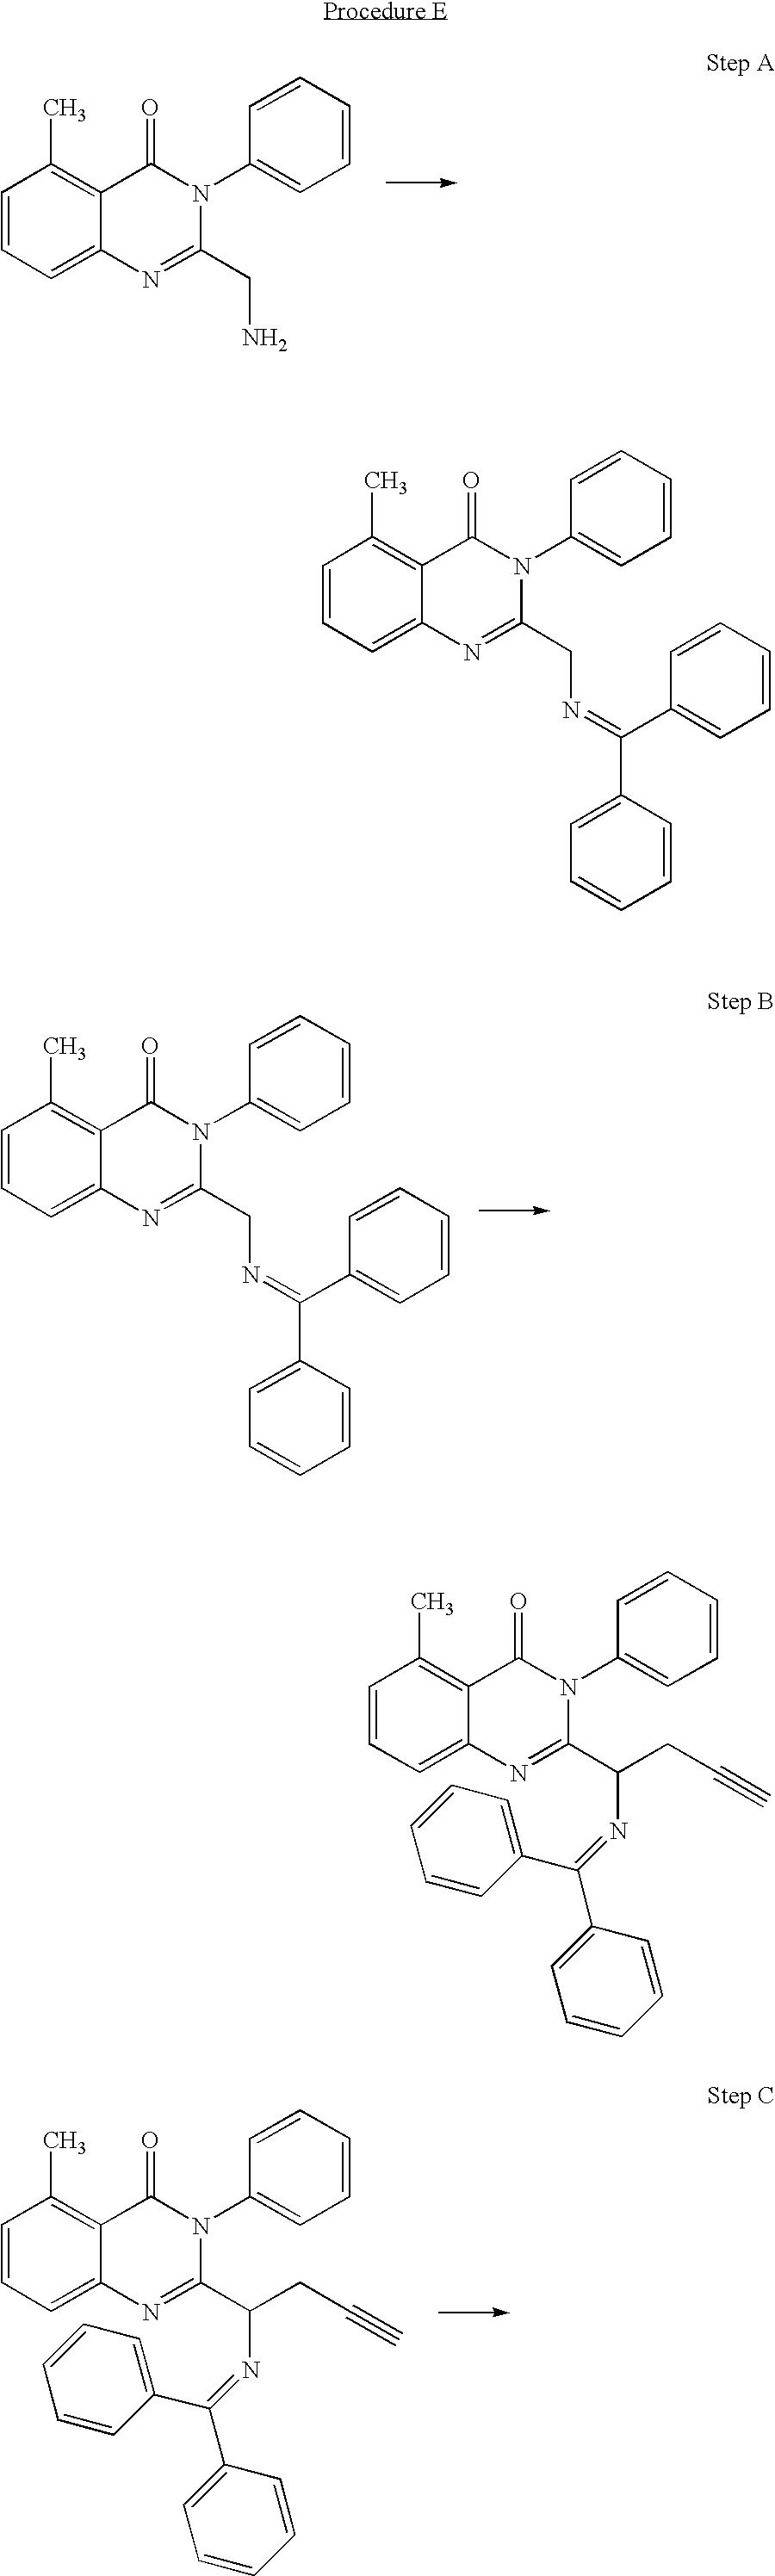 Figure US20100256167A1-20101007-C00156